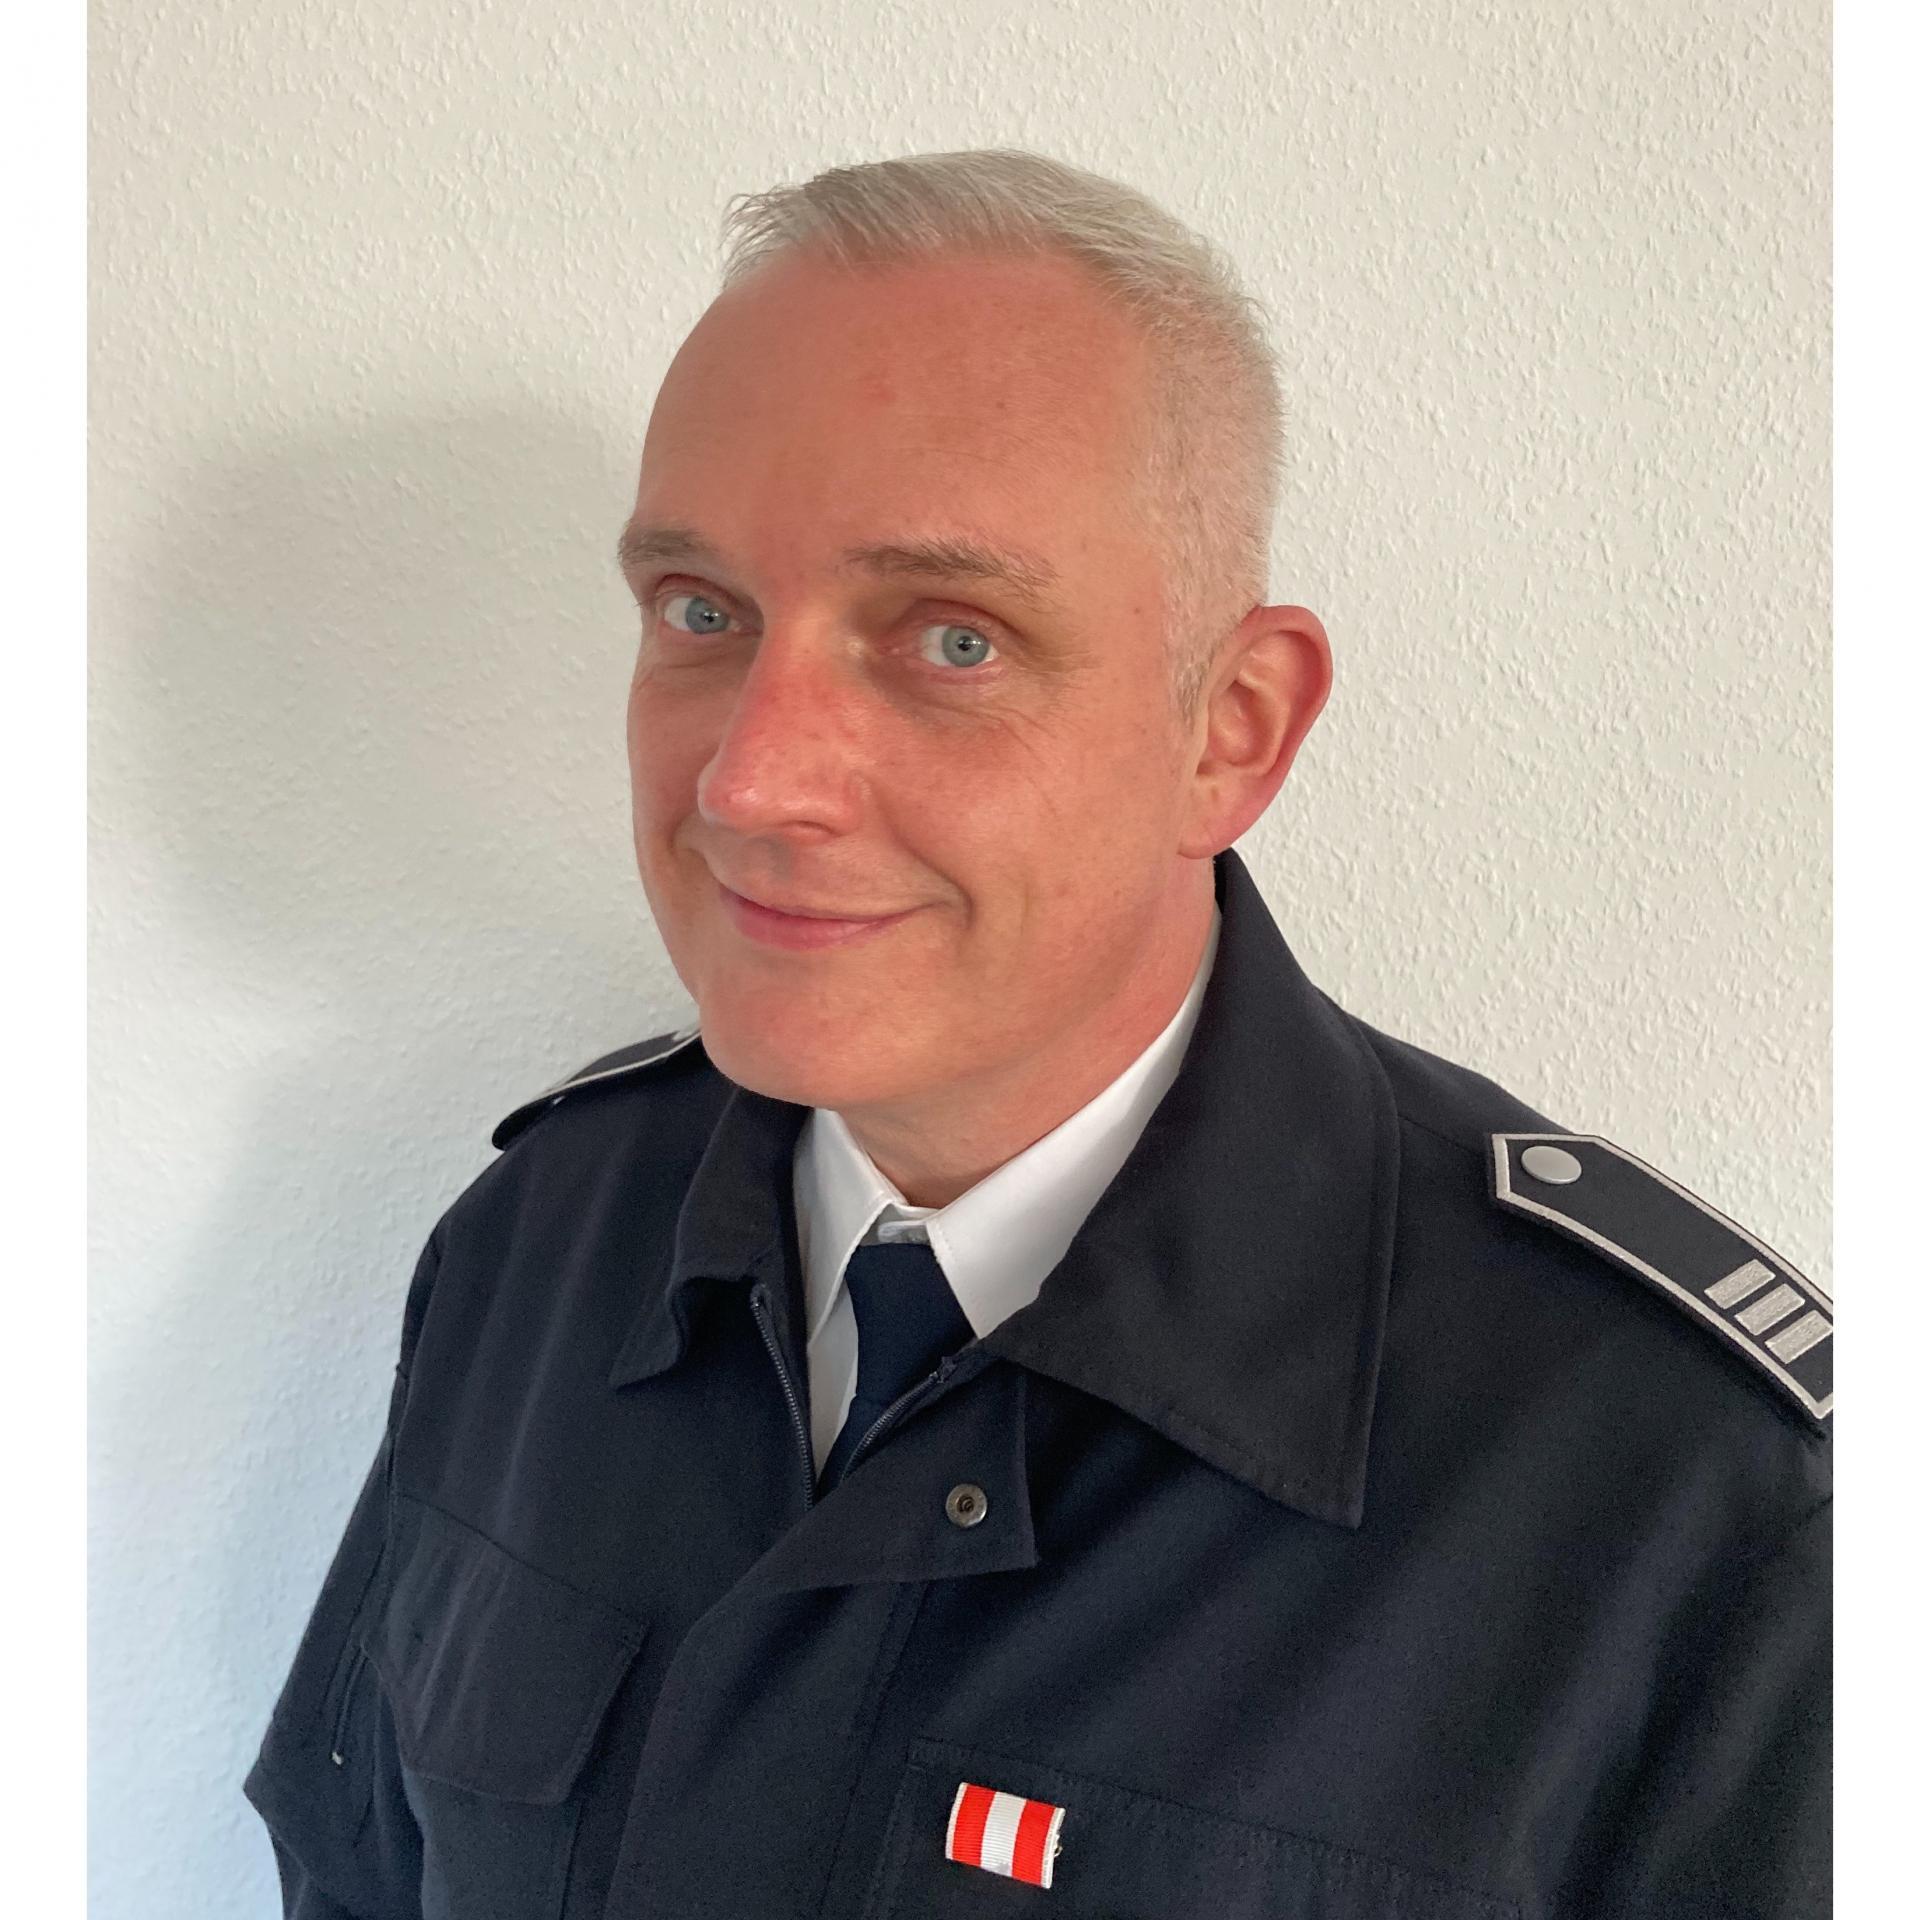 Florian Gerstacker